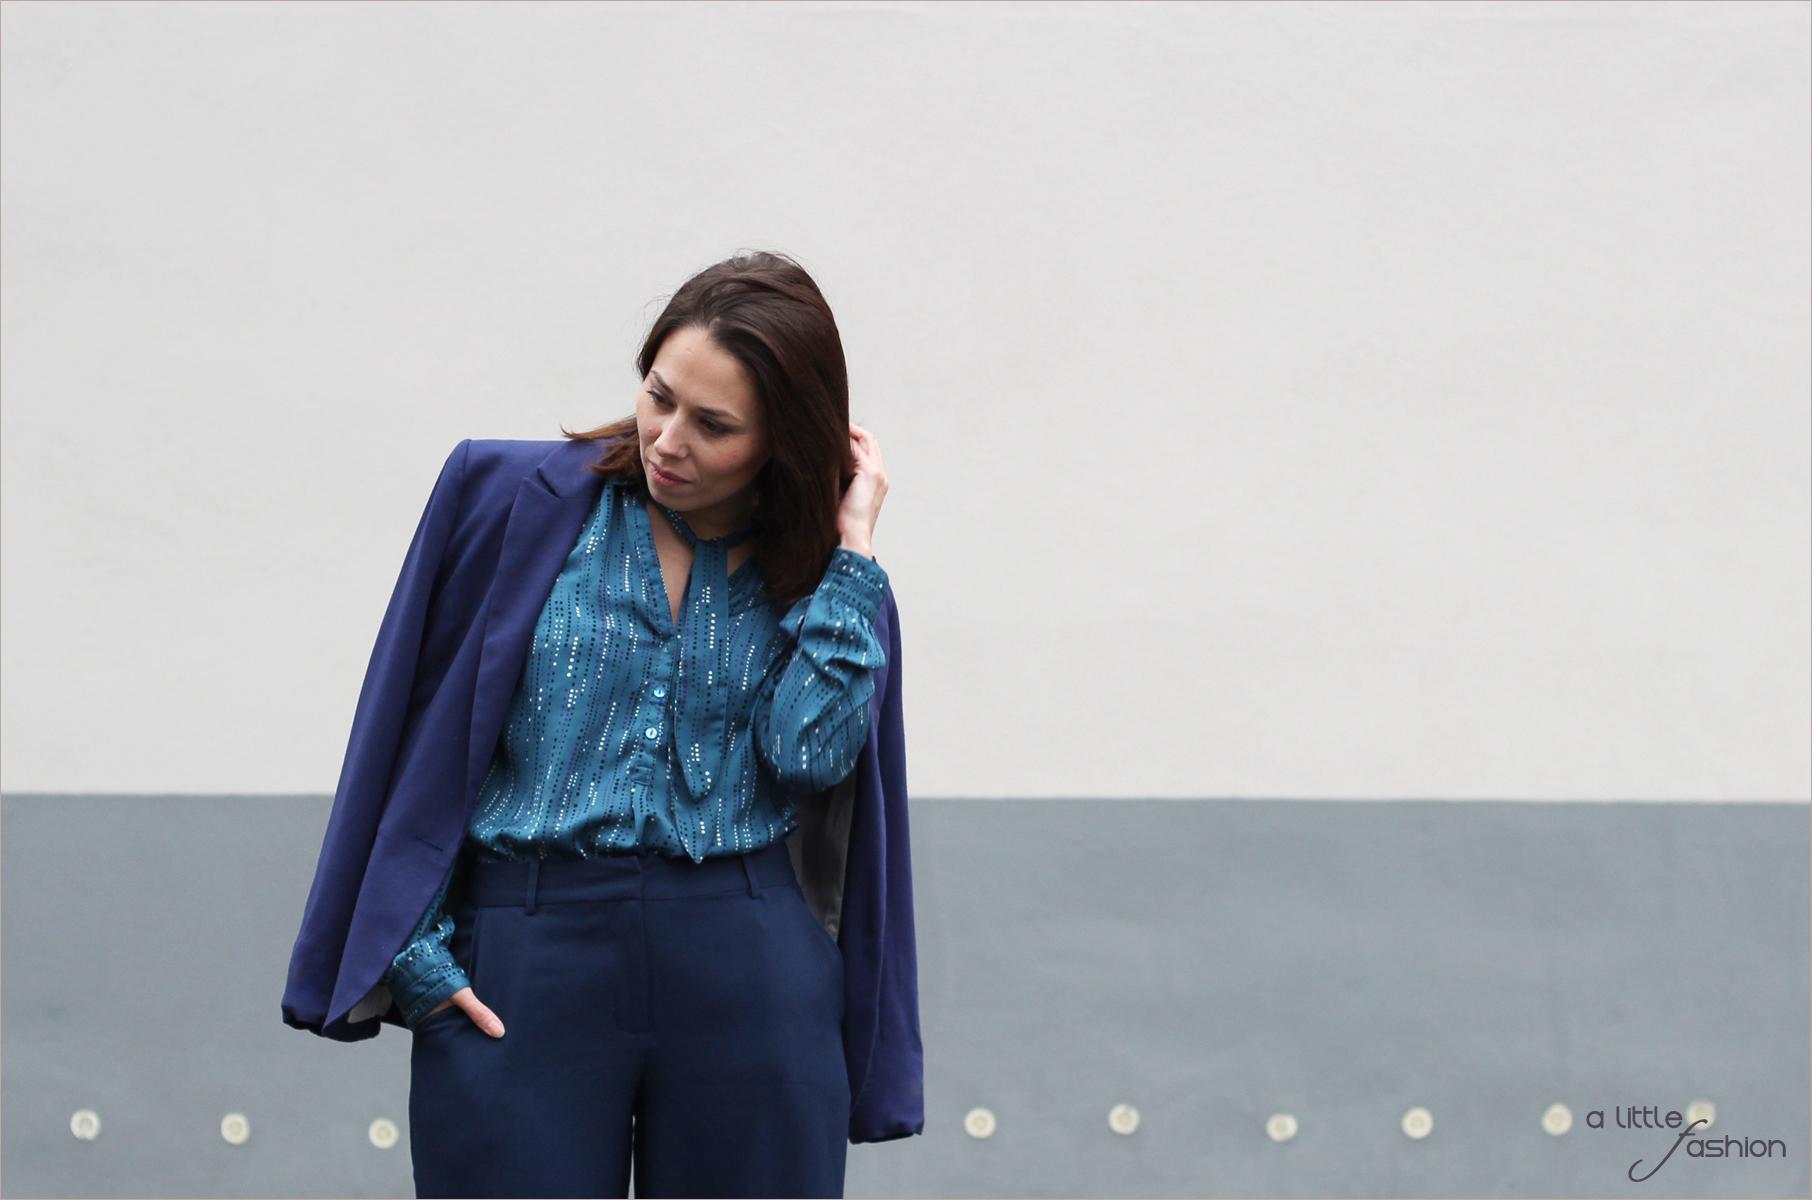 fashion-trend_hw2015-howtostyle_schluppen-bluse_blau_weite-hosen_culottes2